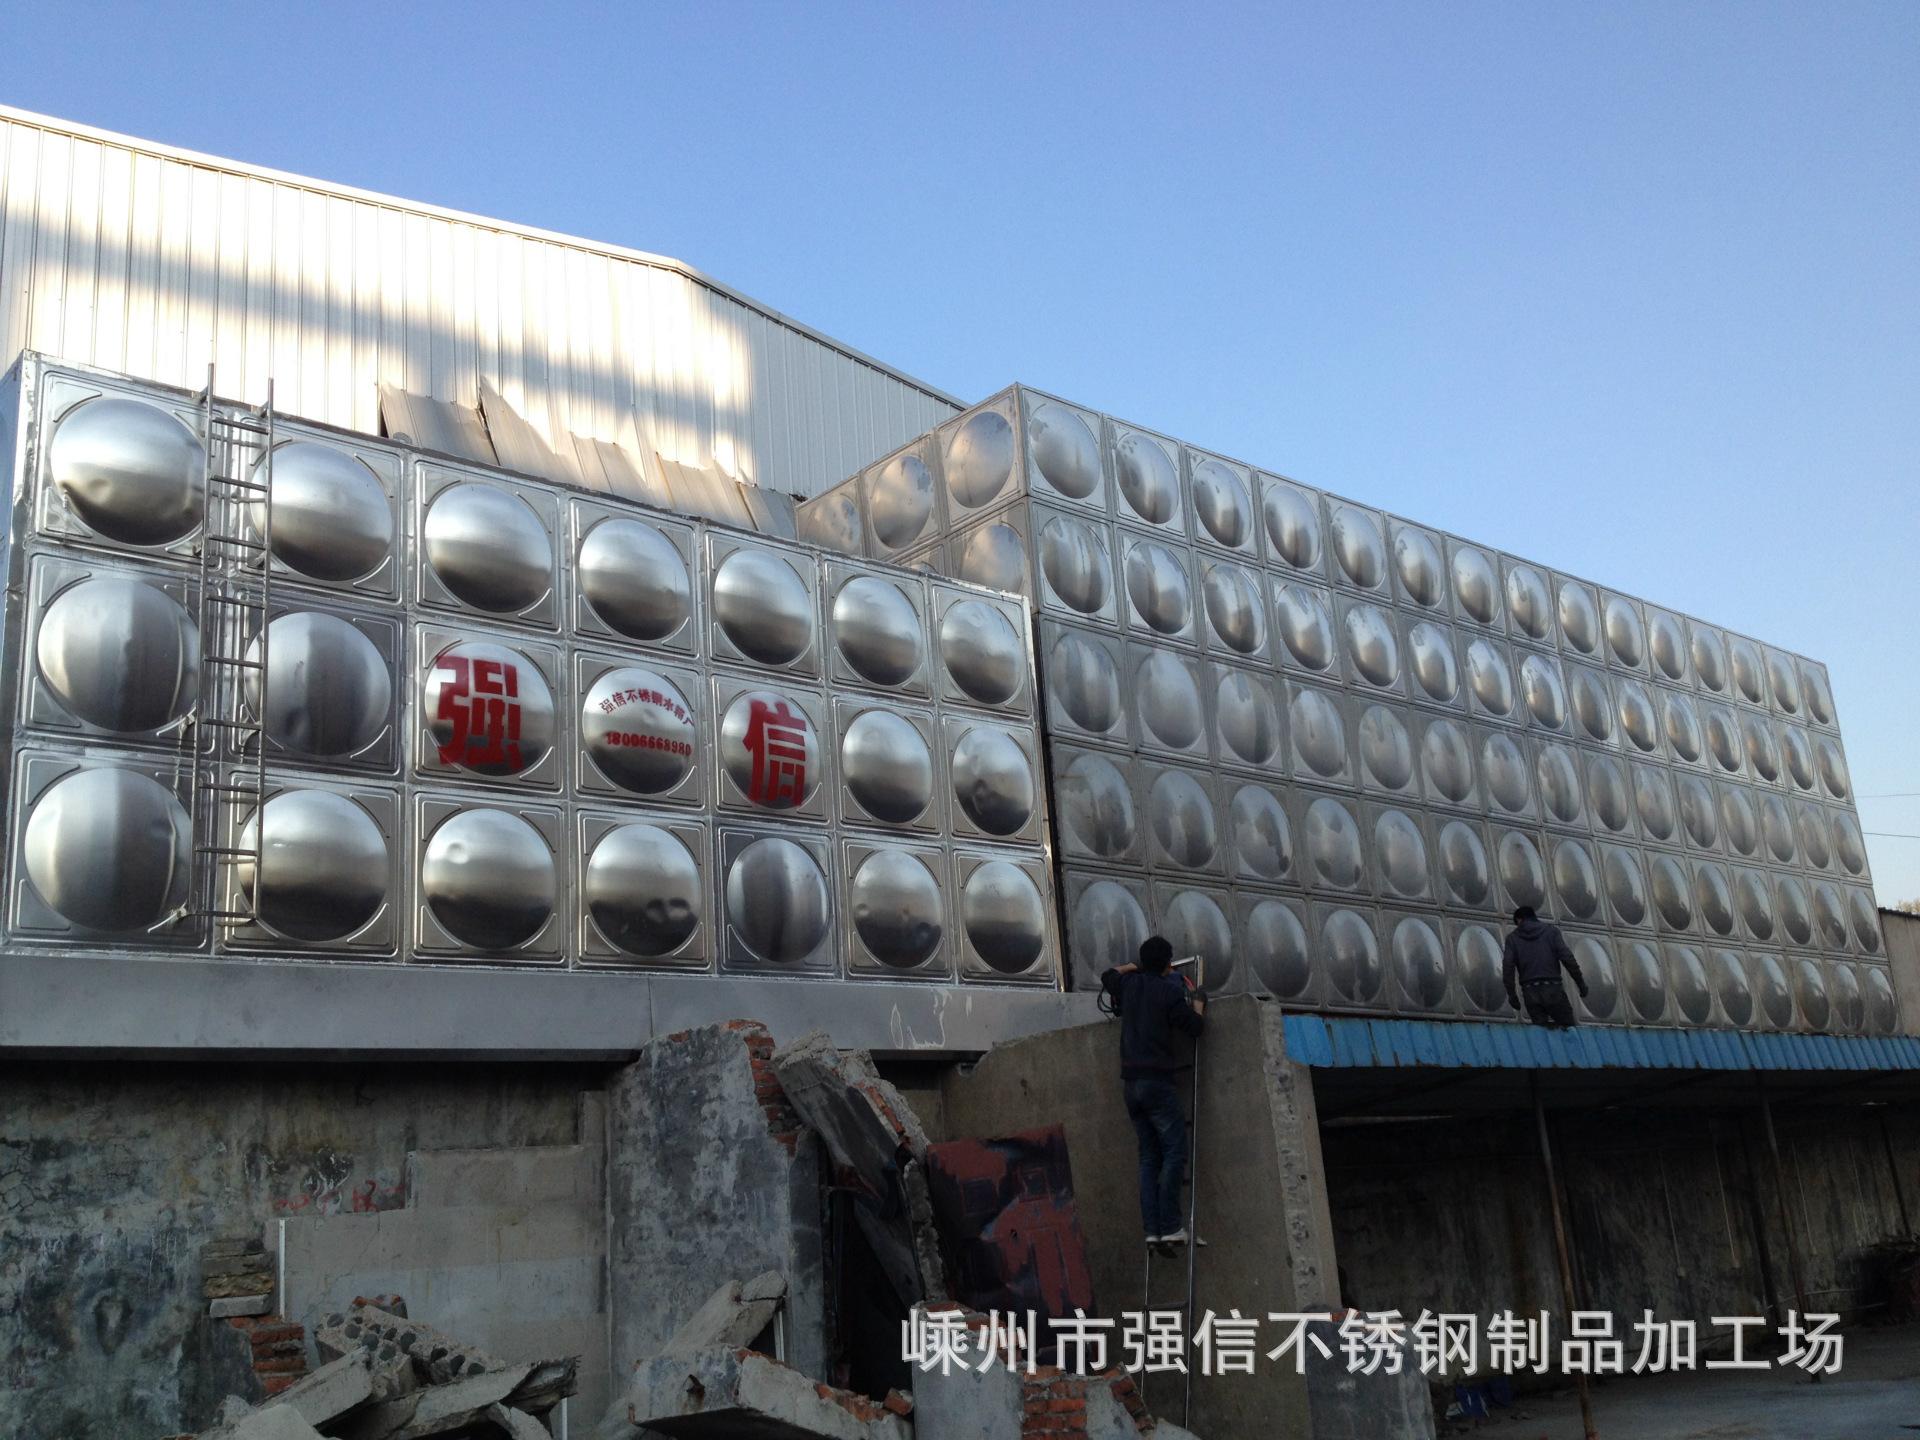 供水设备厂家直销污水处理水箱不锈钢消防水箱,不锈钢生活水箱